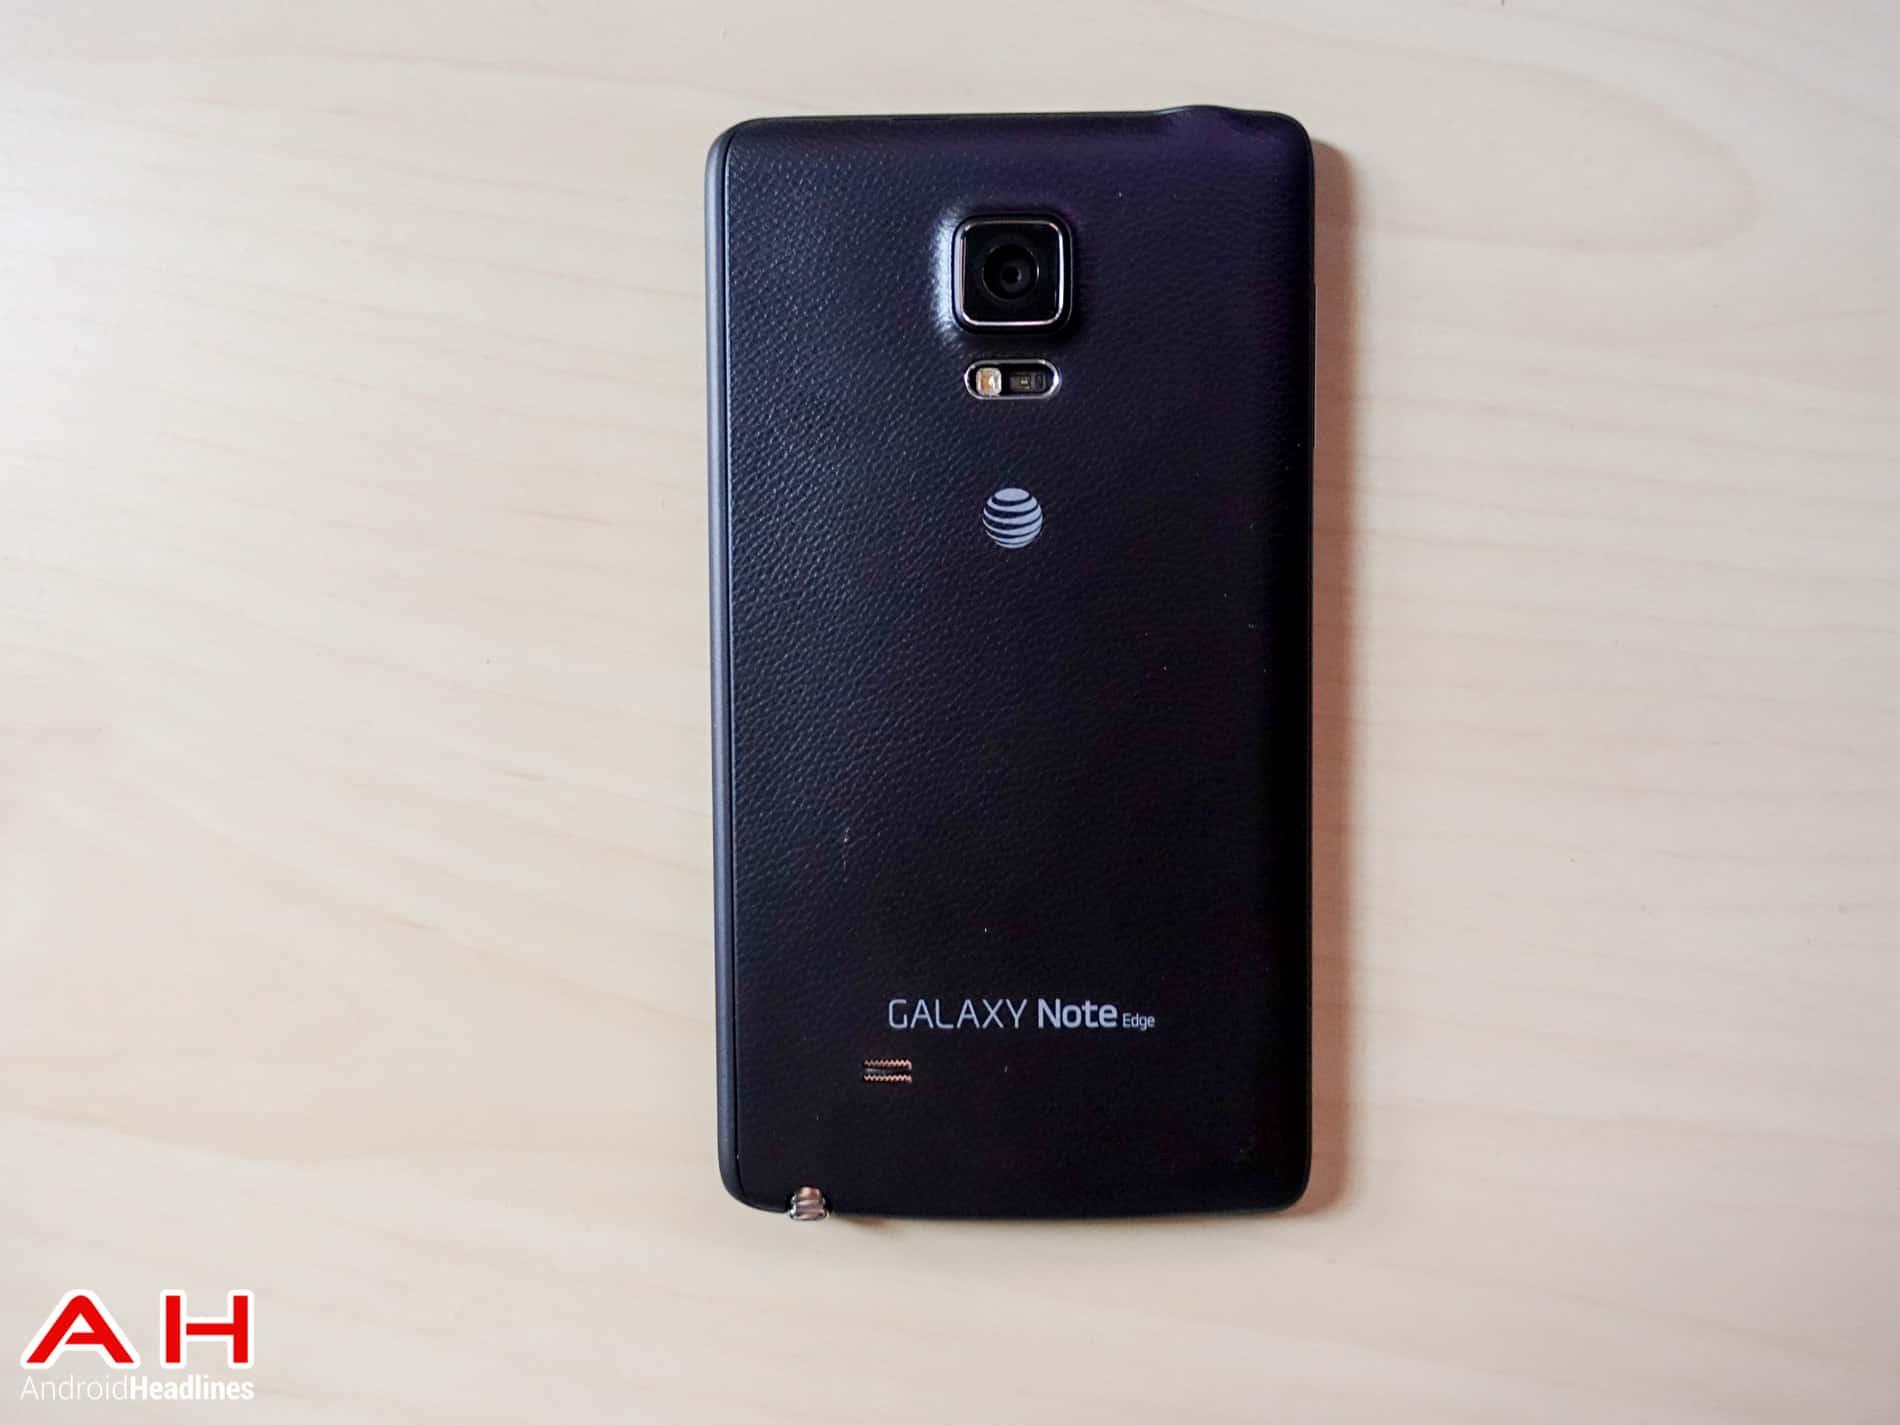 Samsung-Galaxy-Note-Edge-AH-6